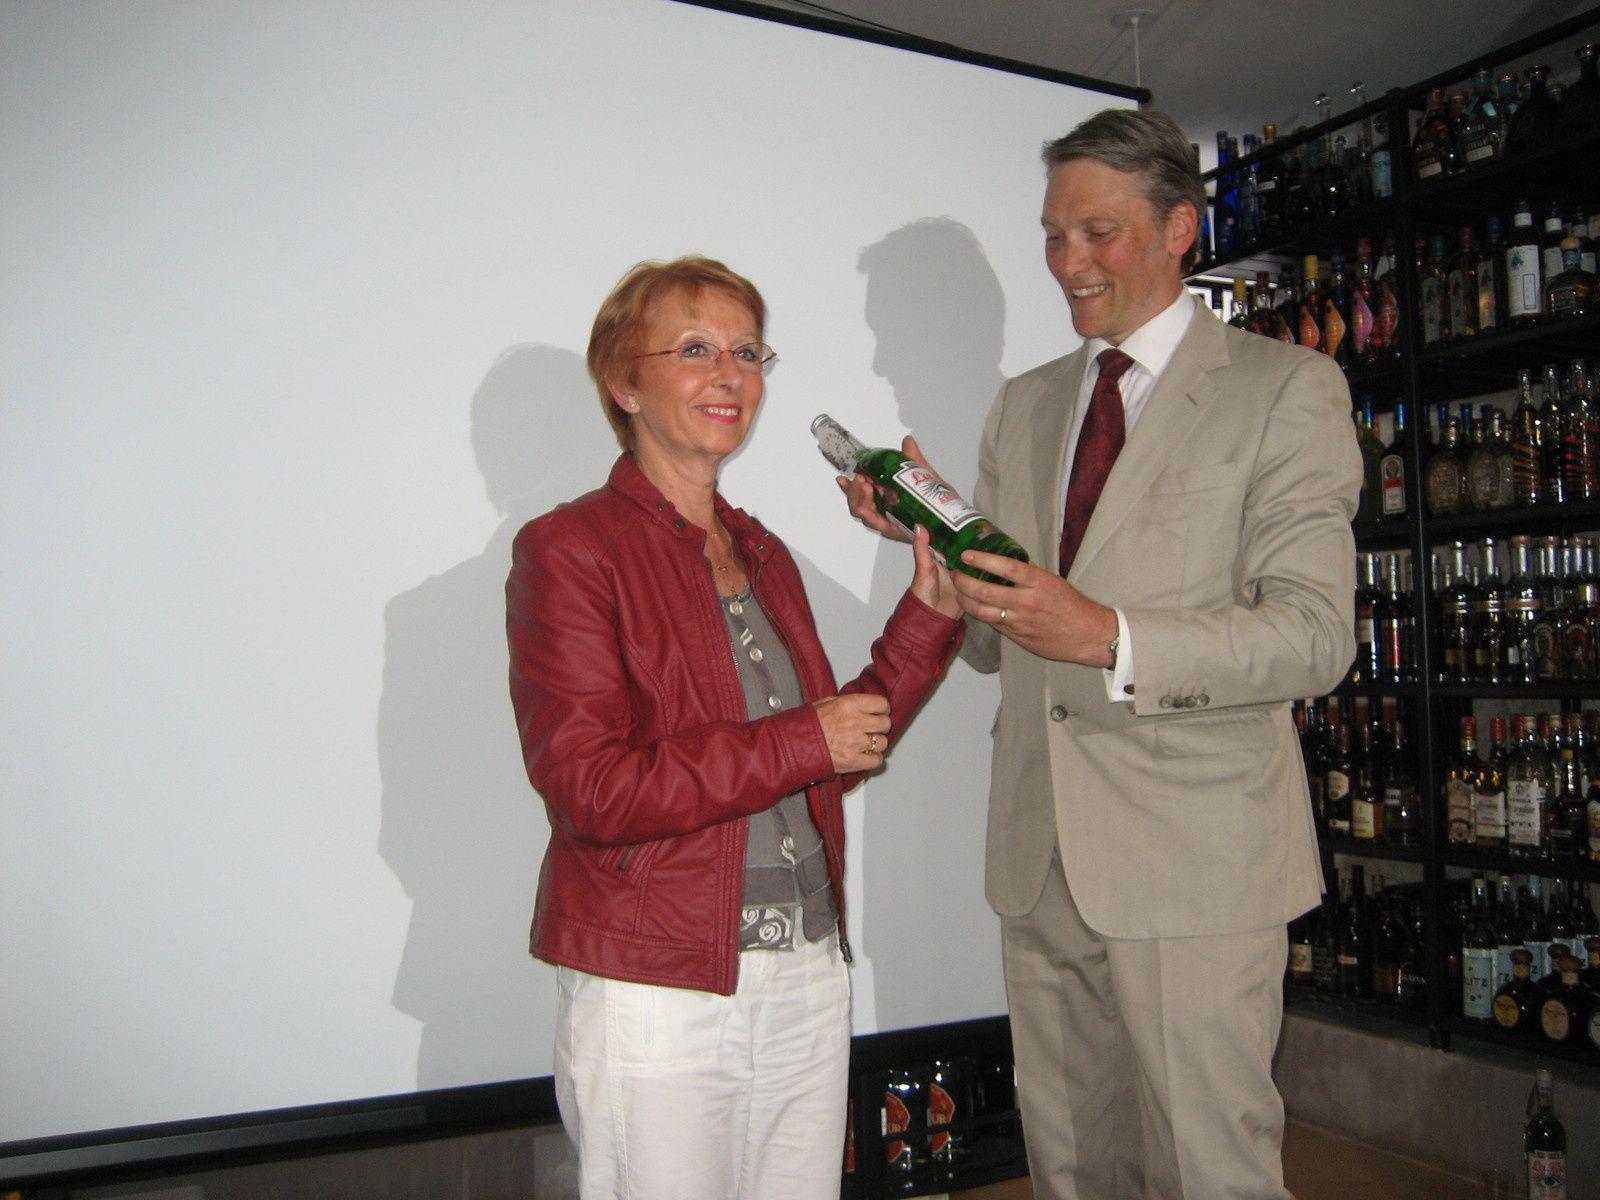 Georges Rowley colle sur une une bouteille d'absinthe La Fée la première étiquette libellée ABSINTHE à la Maison du Whisky, Paris, 6ème.